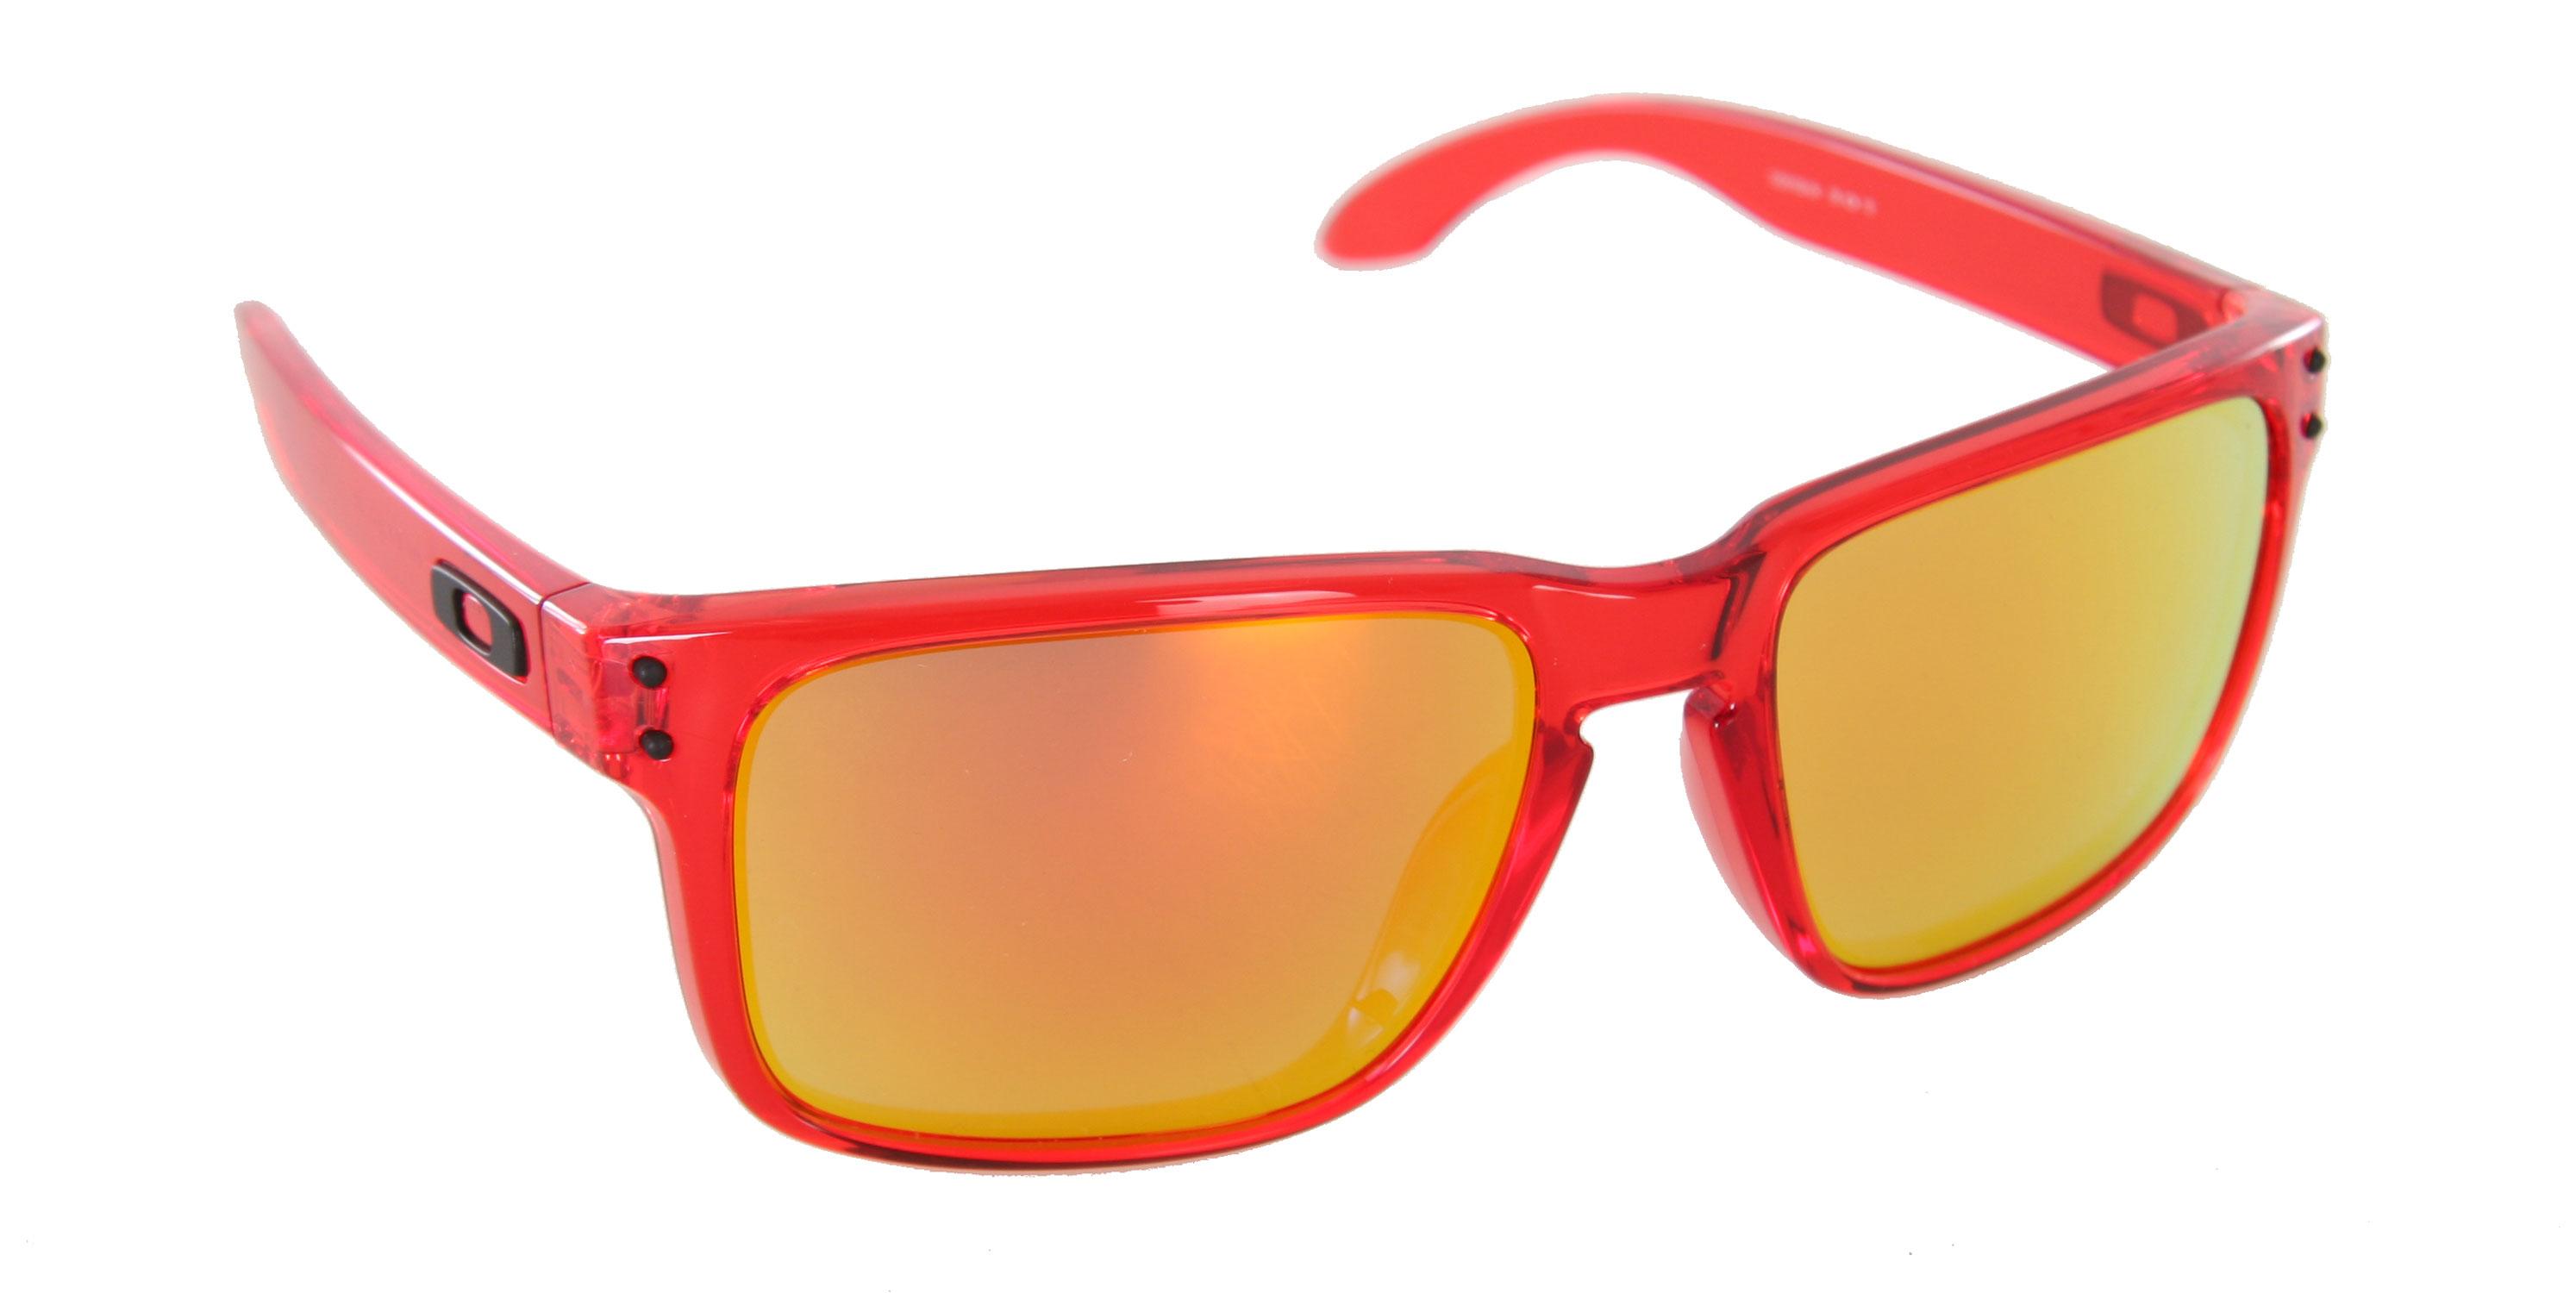 cheap oakley holbrook sunglasses fdva  Oakley Sunglasses Holbrook Lenses